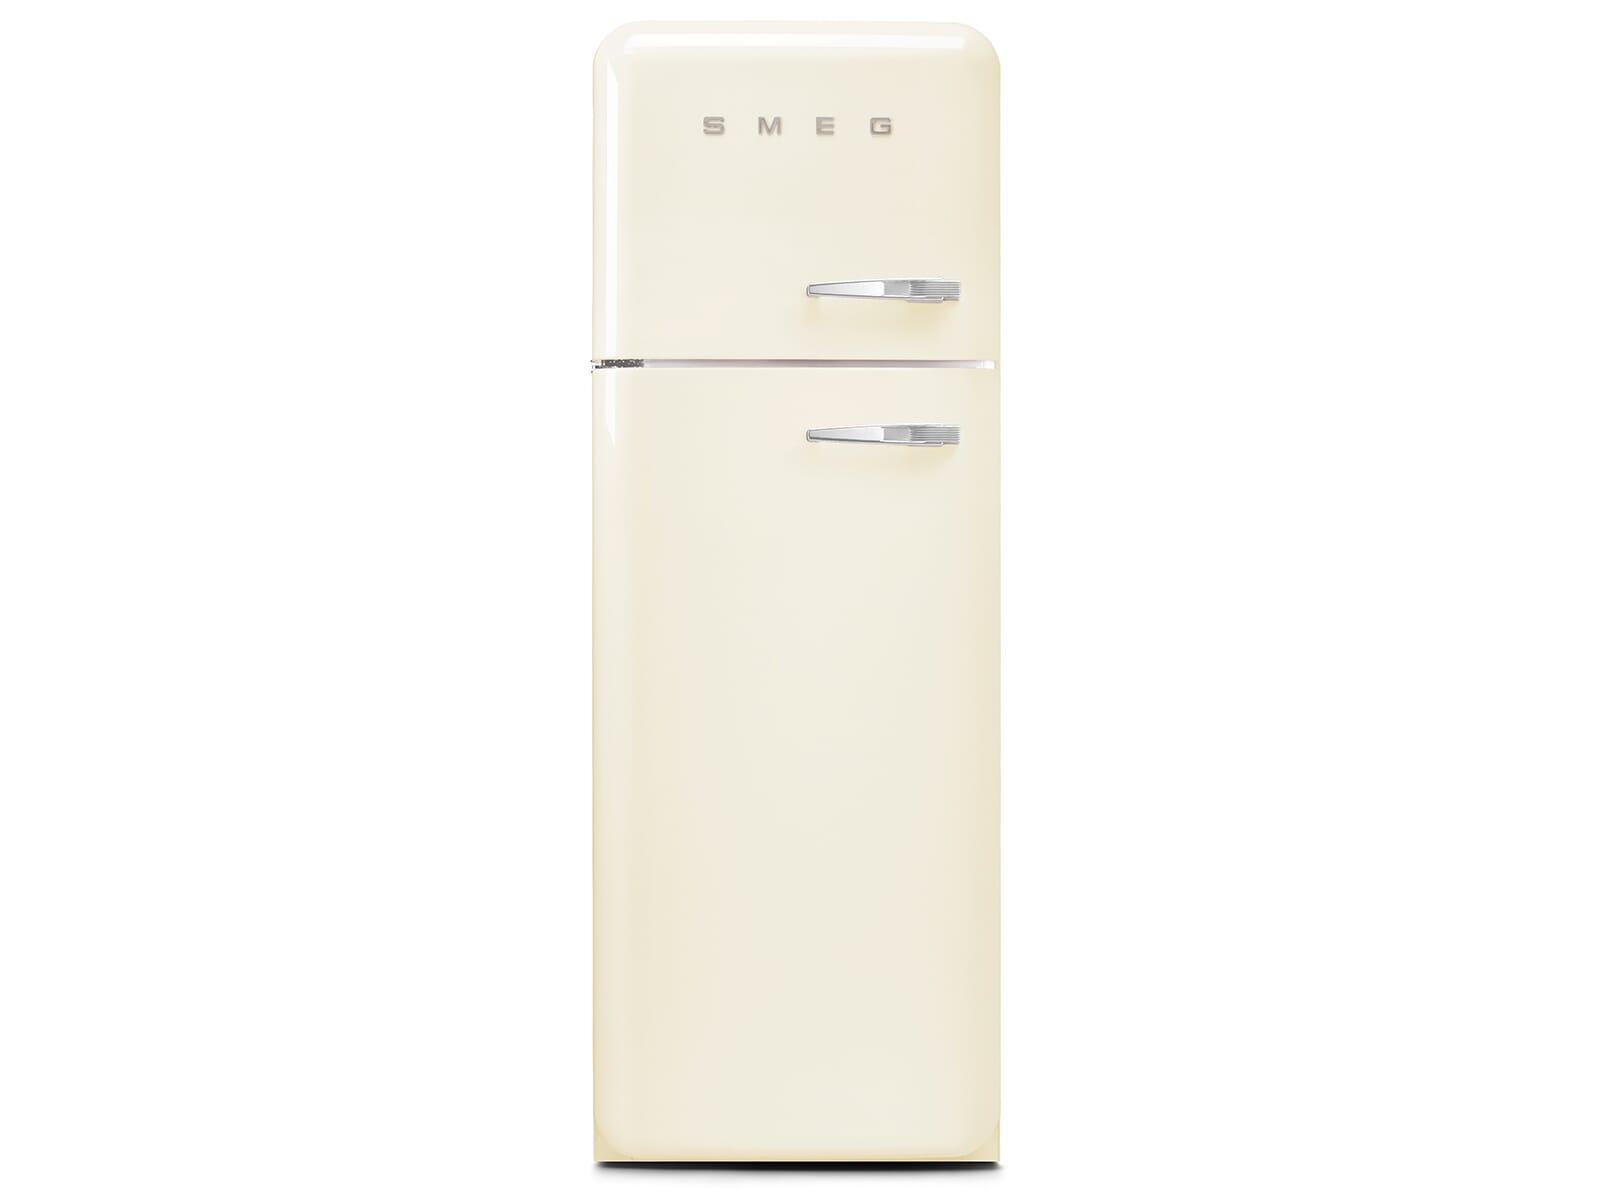 Smeg Kühlschrank 140 Cm : Smeg fab30lcr3 standkühlschrank creme